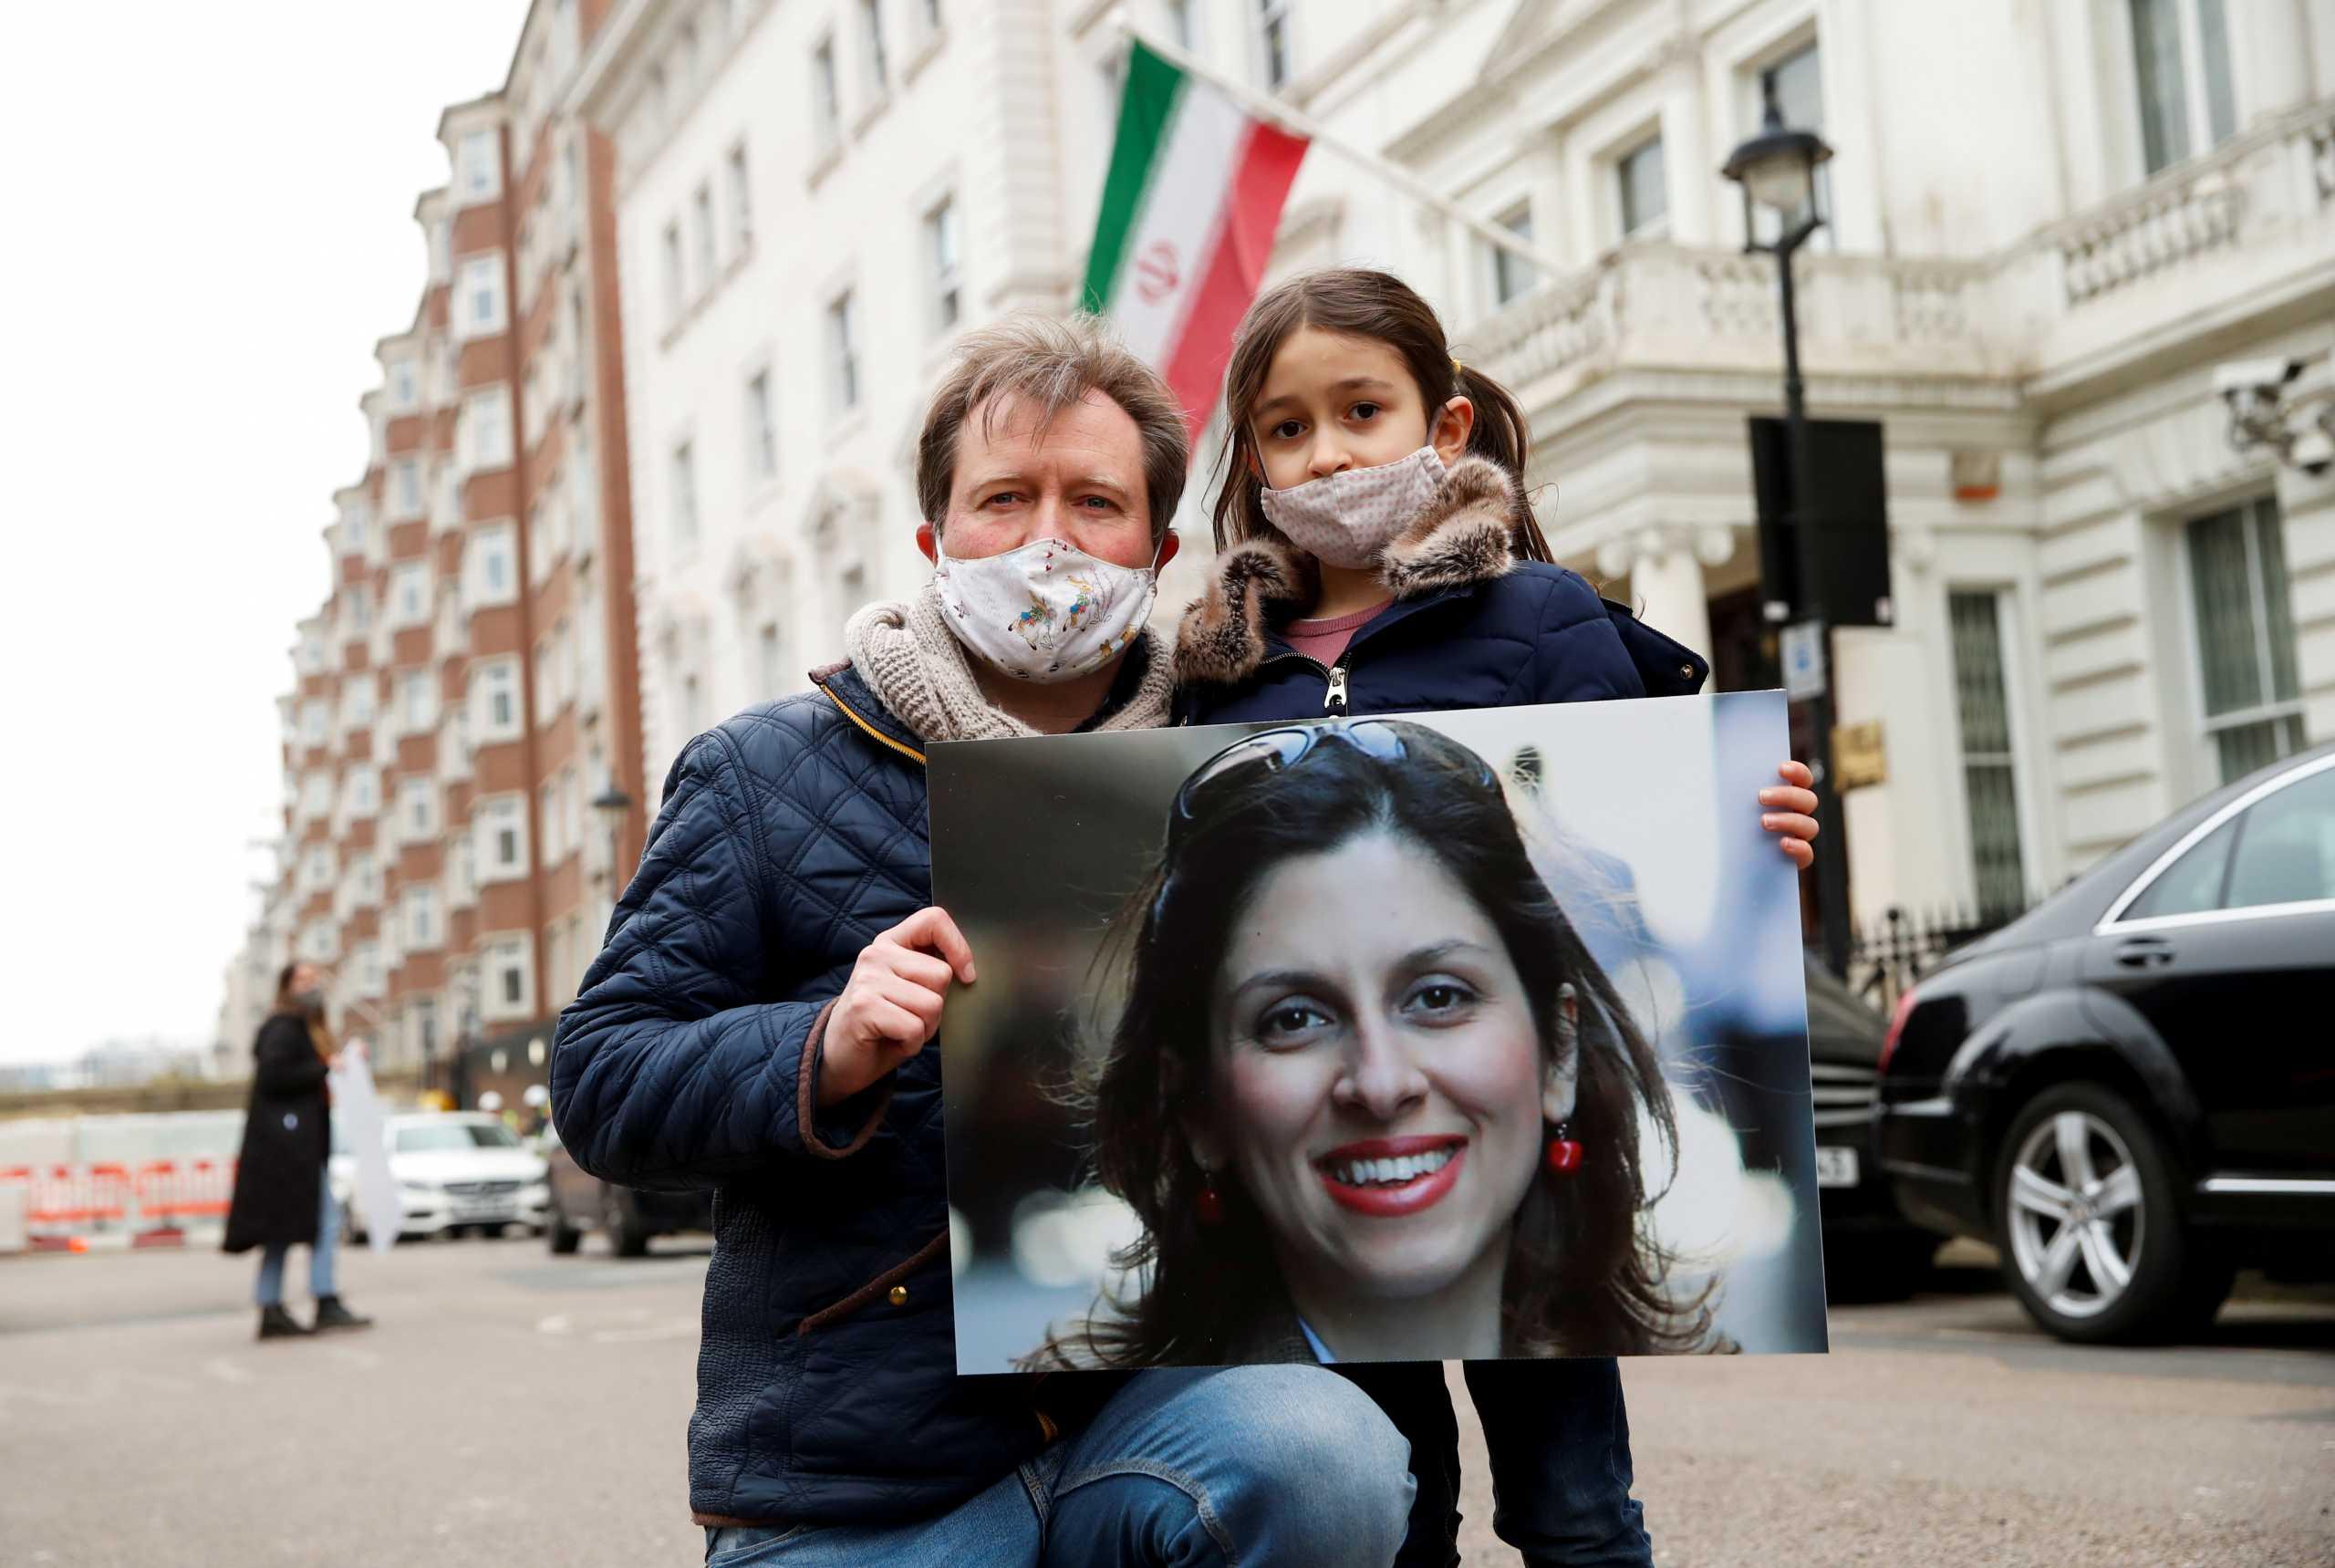 Βρετανός ΥΠΕΞ: Απαράδεκτη και αυθαίρετη  η δεύτερη δίκη της Ζαγαρί-Ράτκλιφ